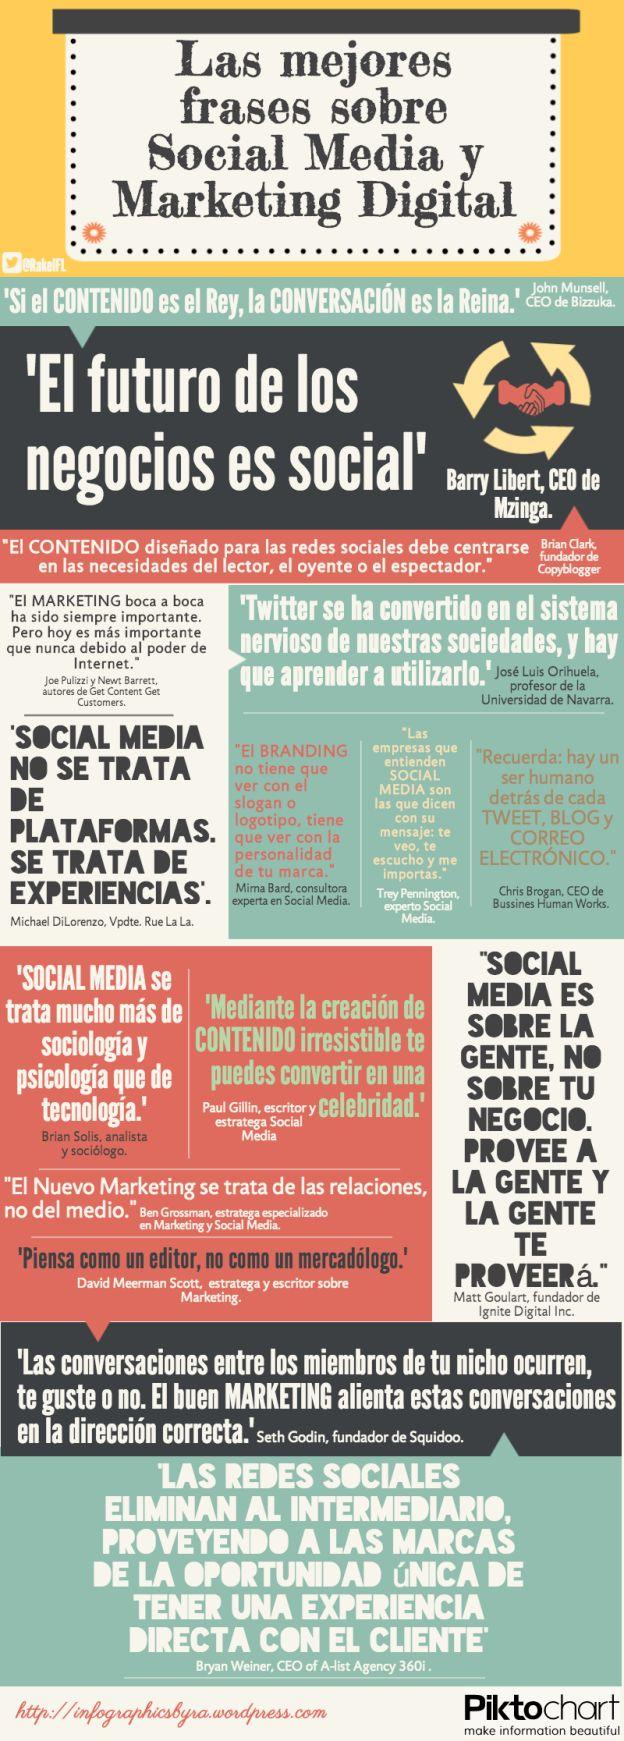 Las Mejores Frases Sobre Social Media Y Marketing Digital